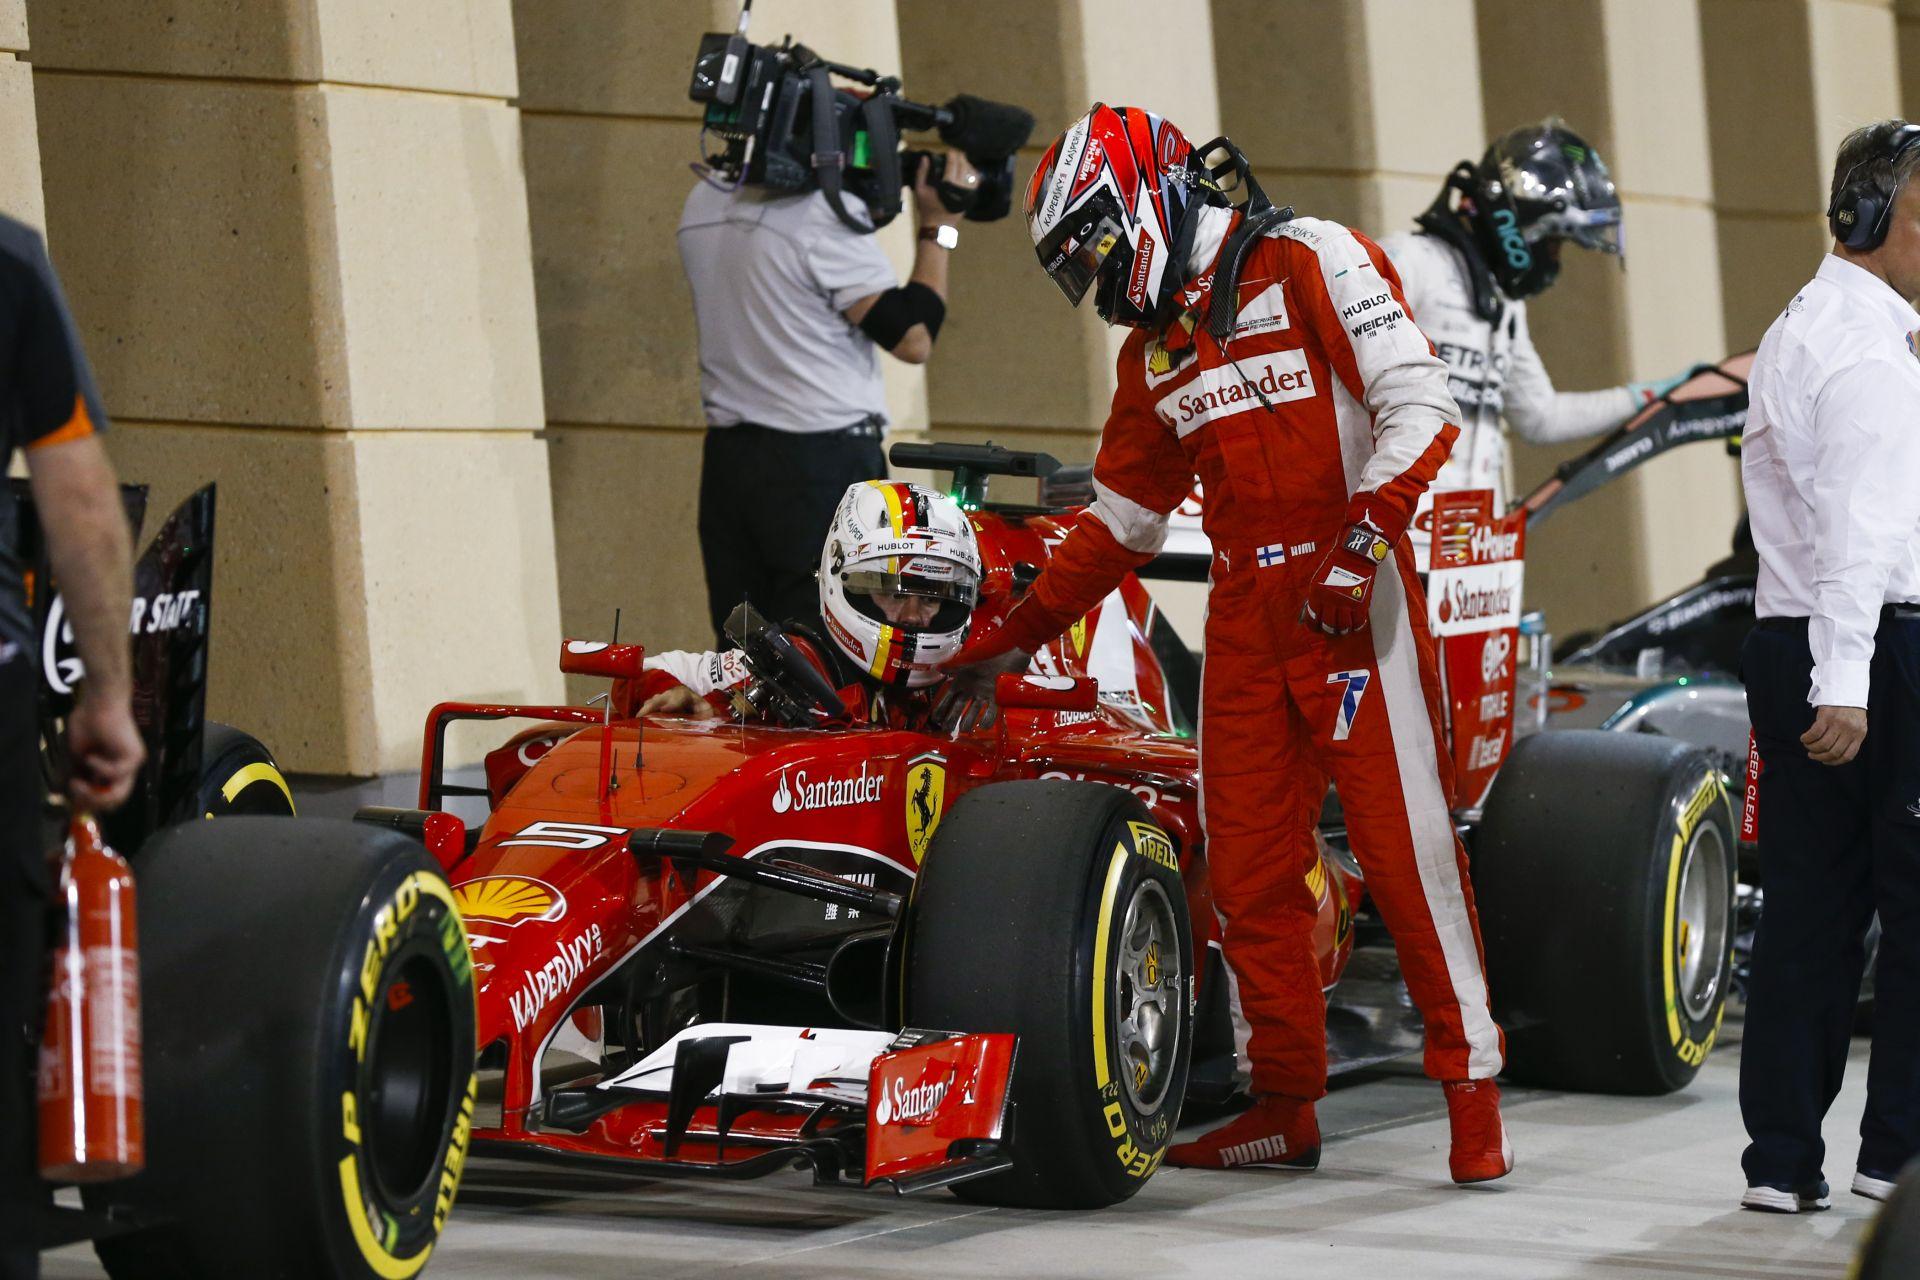 Kimi lenne a tökéletes csapattárs Vettelnek? Ha úgy nézzük... IGEN!